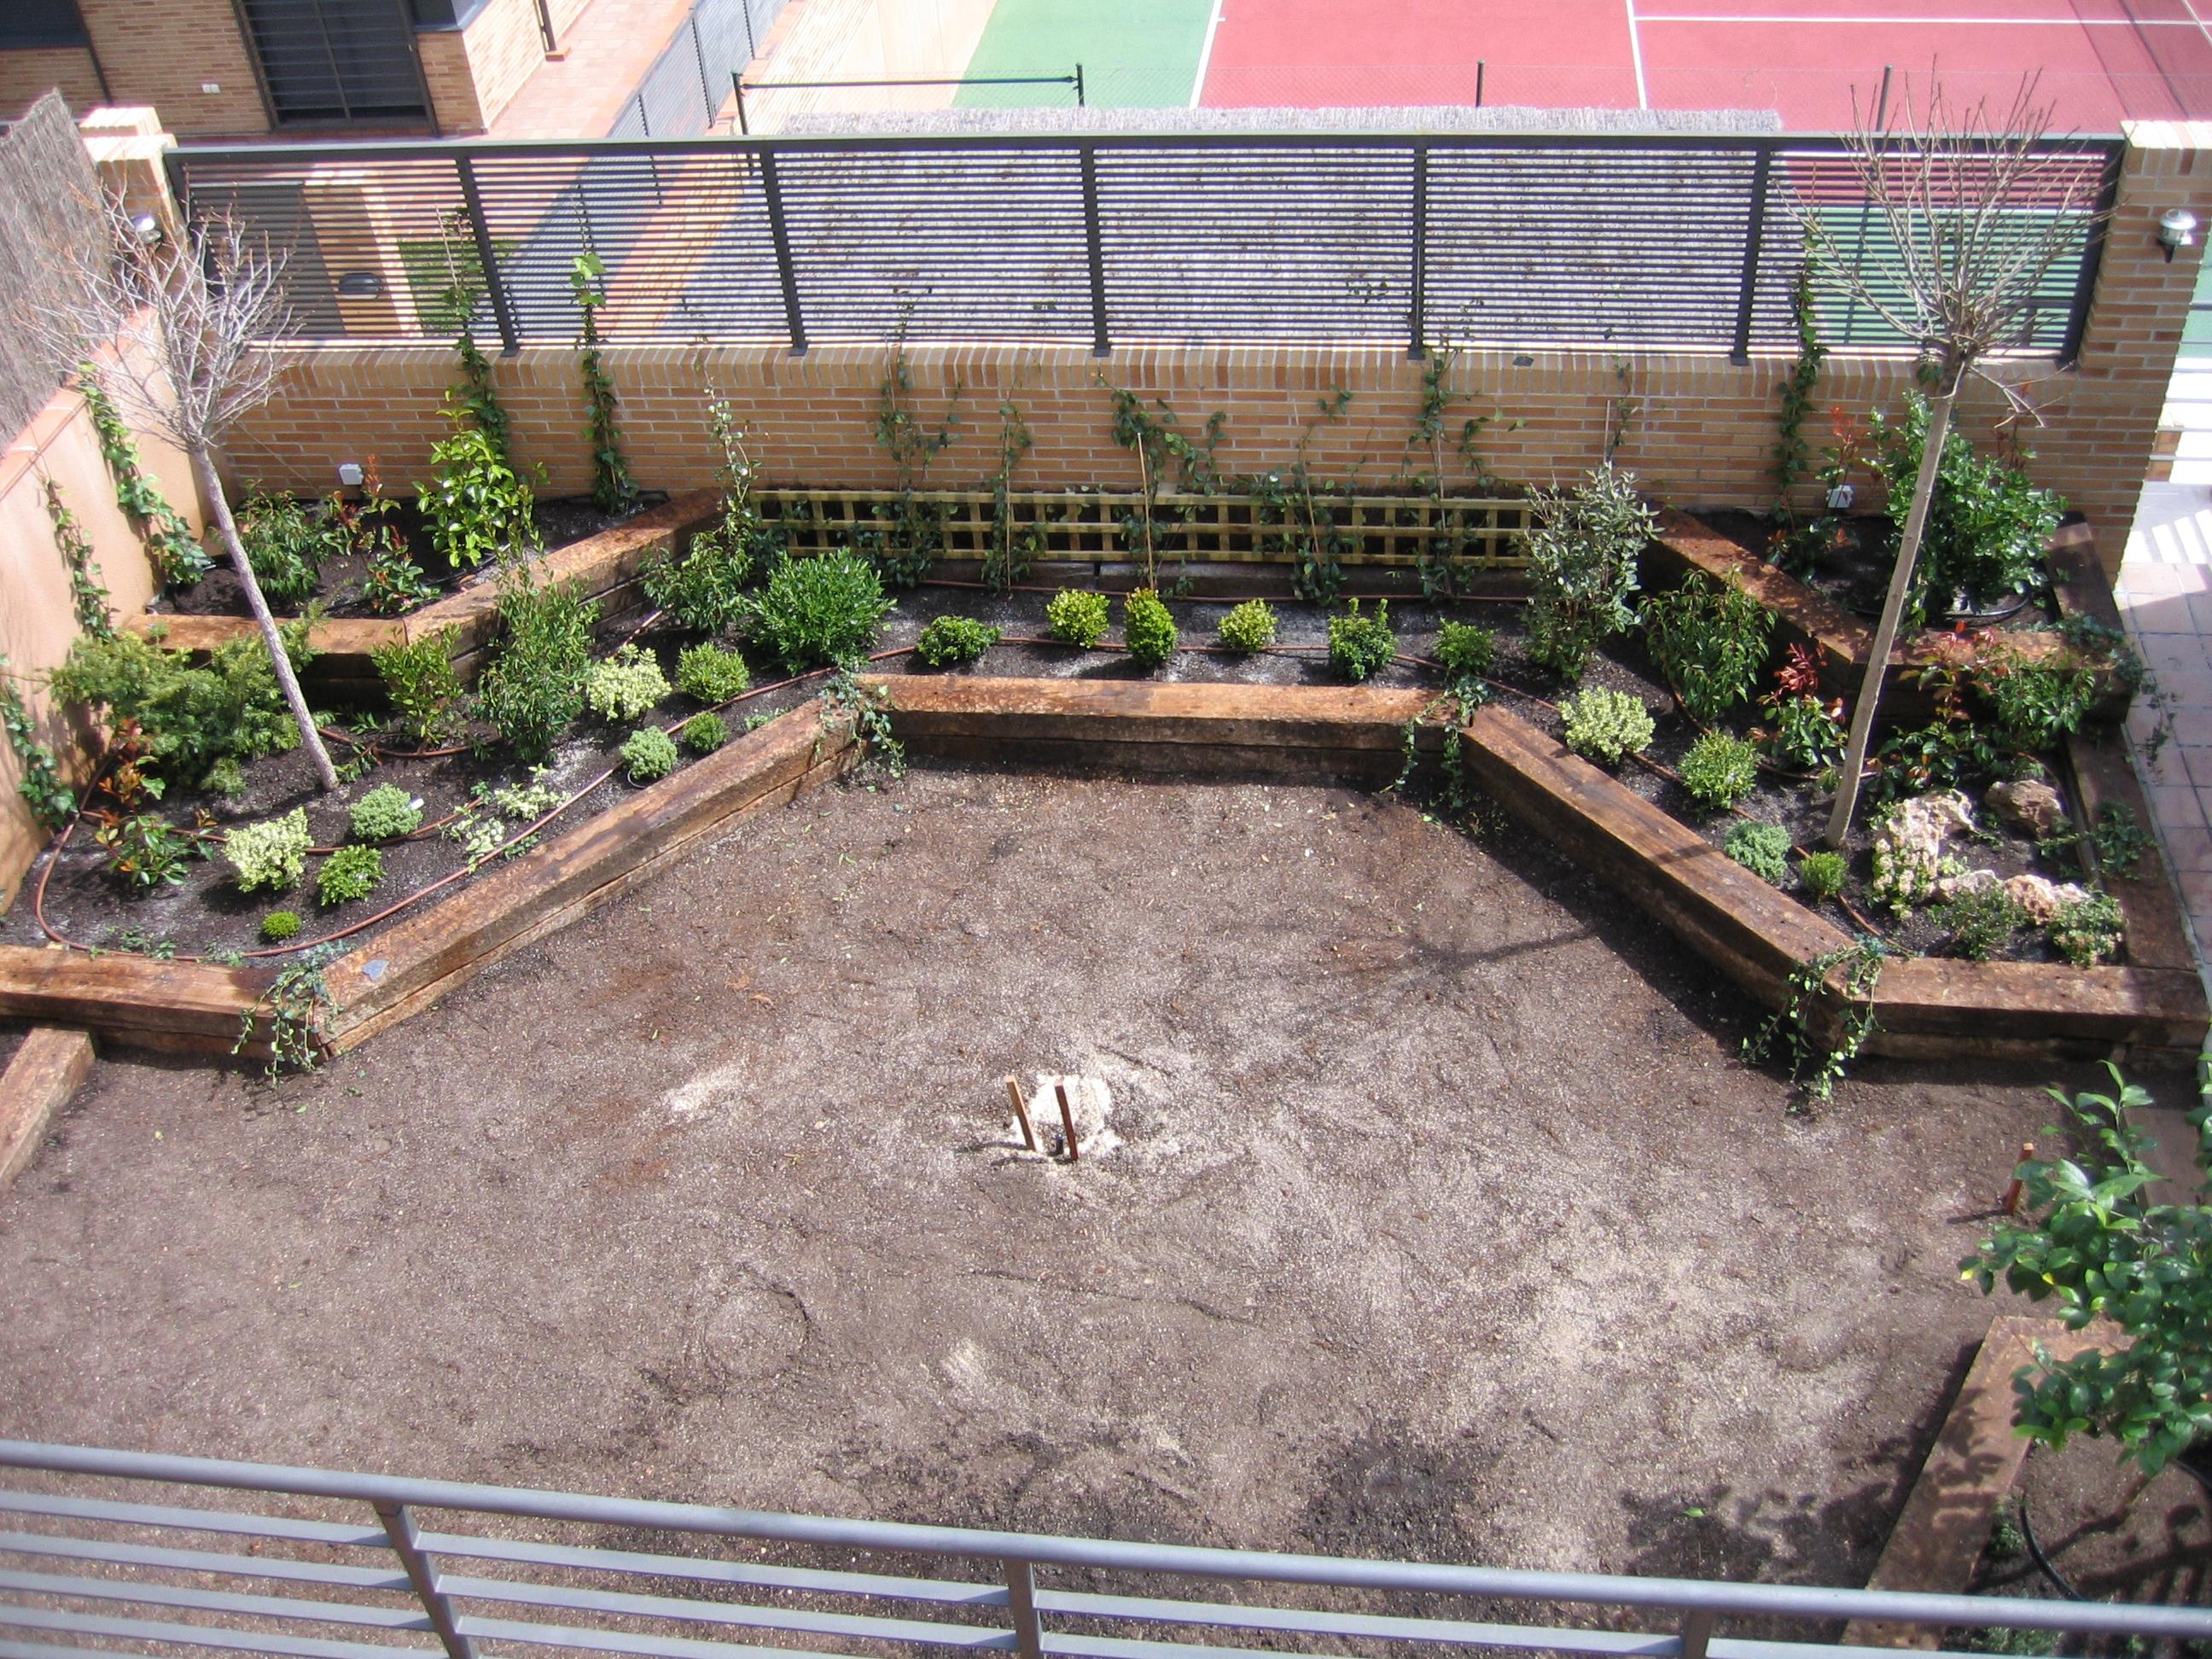 File jardinera con traviesas 02 jpg wikimedia commons - Traviesas de tren para jardin ...